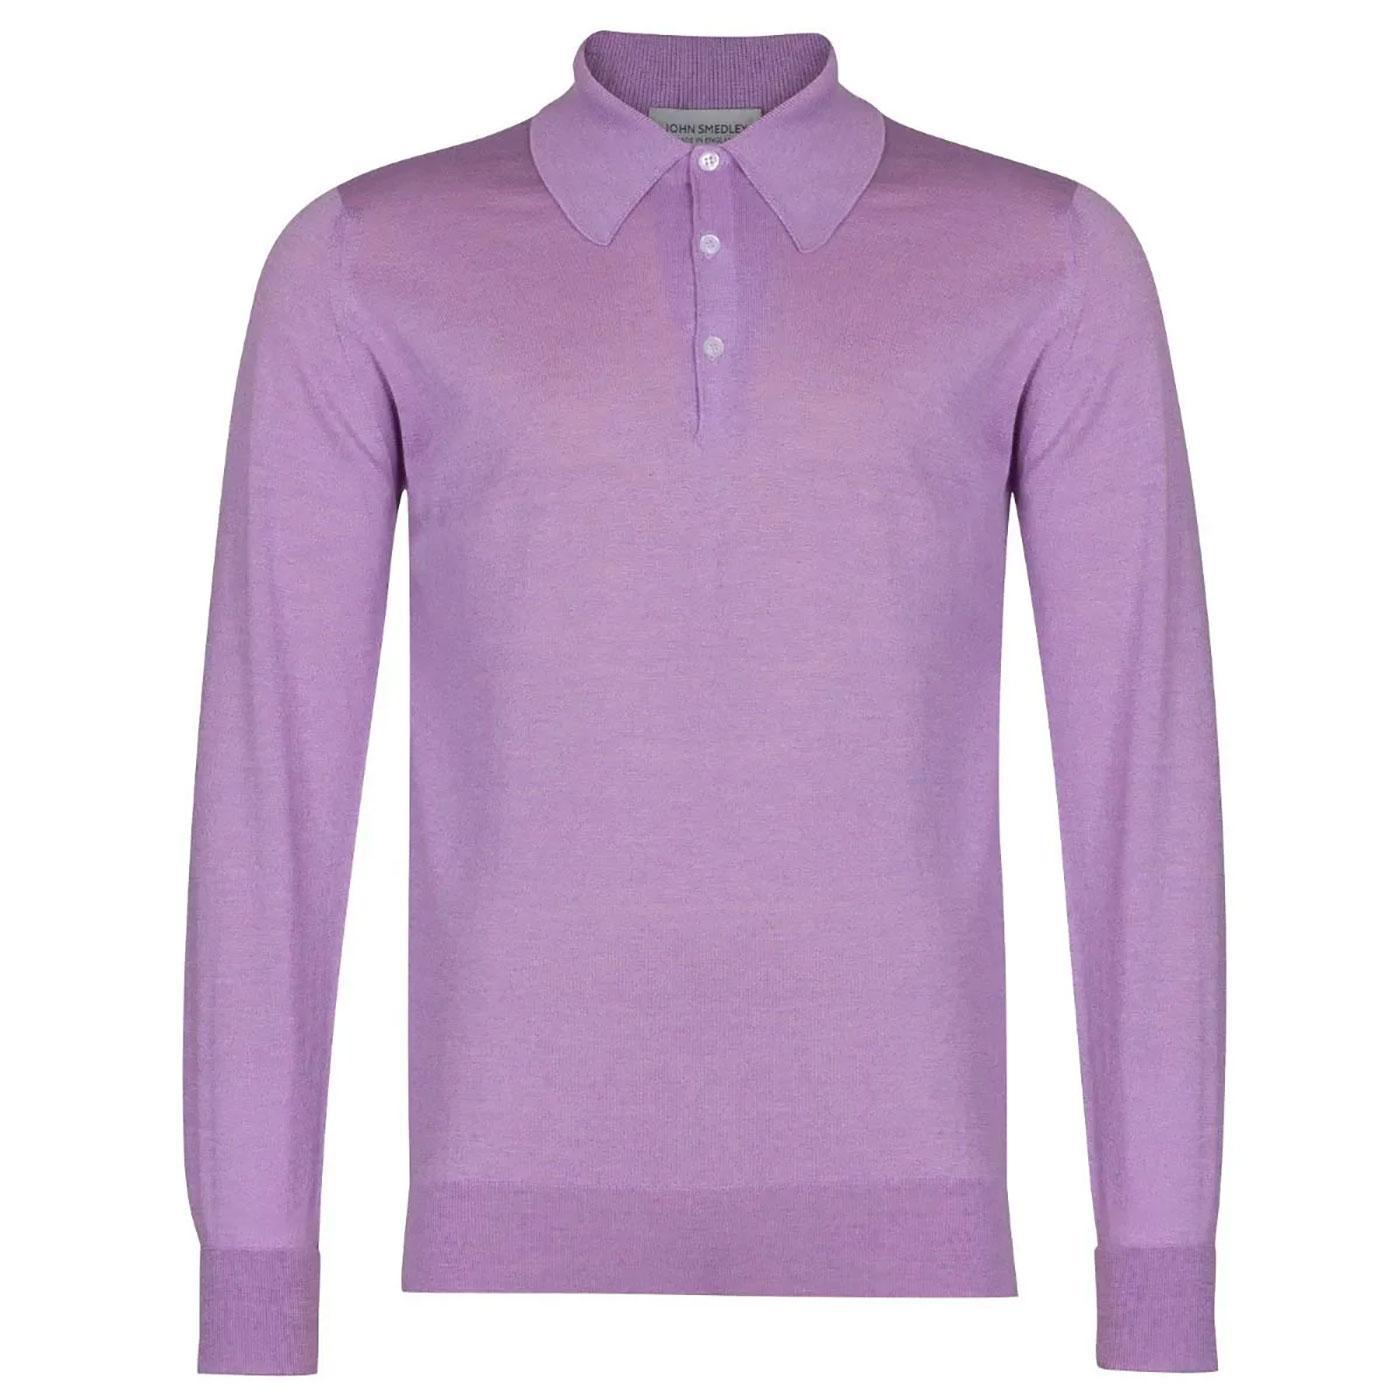 CDorset JOHN SMEDLEY Made in England Mod Polo (W)